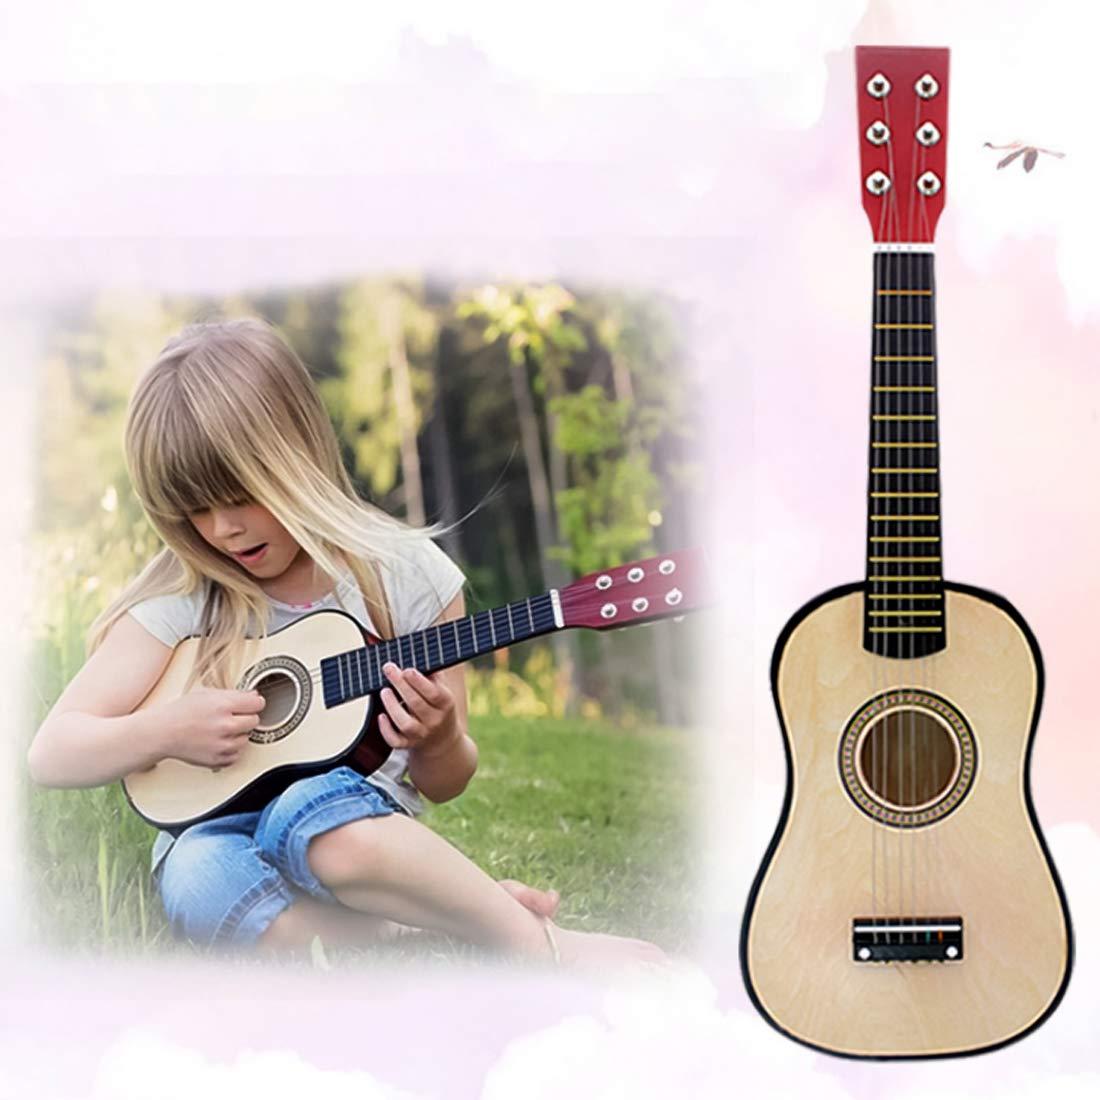 6 Saiten 23 Zoll Musikinstrument Kinder Gitarre Spielzeug f/ür Kinder ab 3 Jahren f/ür Anf/änger geeignet Blau OVERWELL Kindergitarre aus Holz